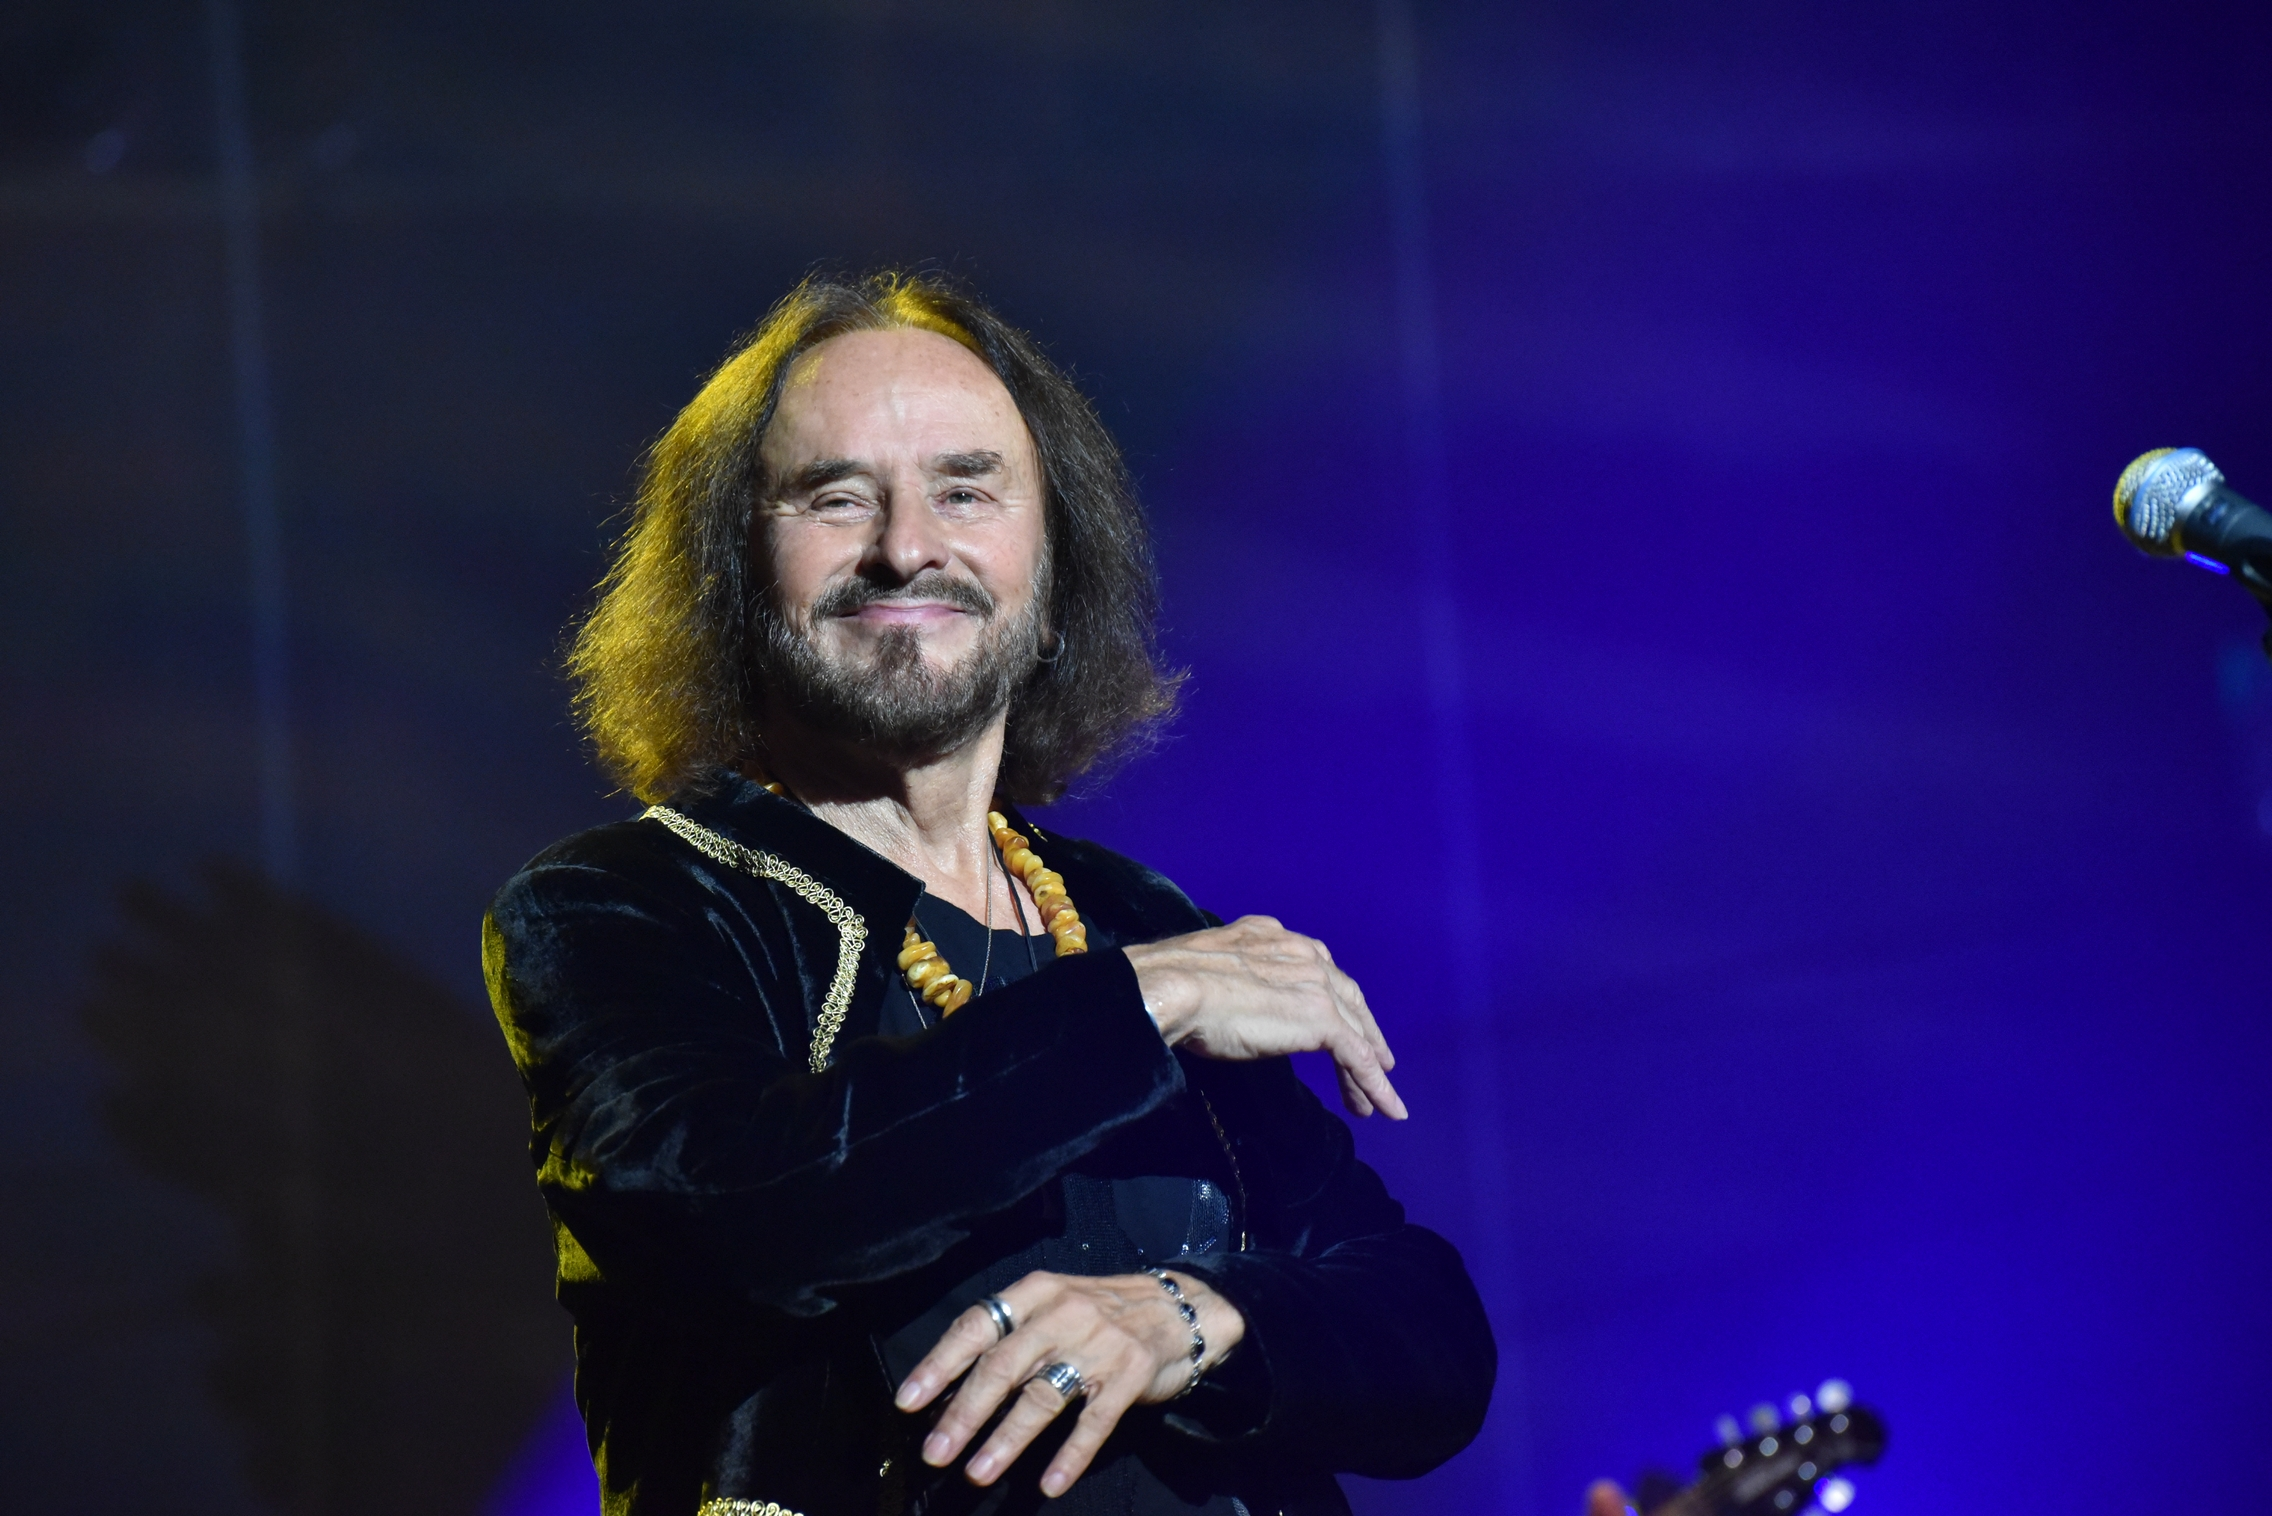 Specjalny koncert charytatywny na rzecz Stana Borysa, który wymaga specjalistycznego leczenia